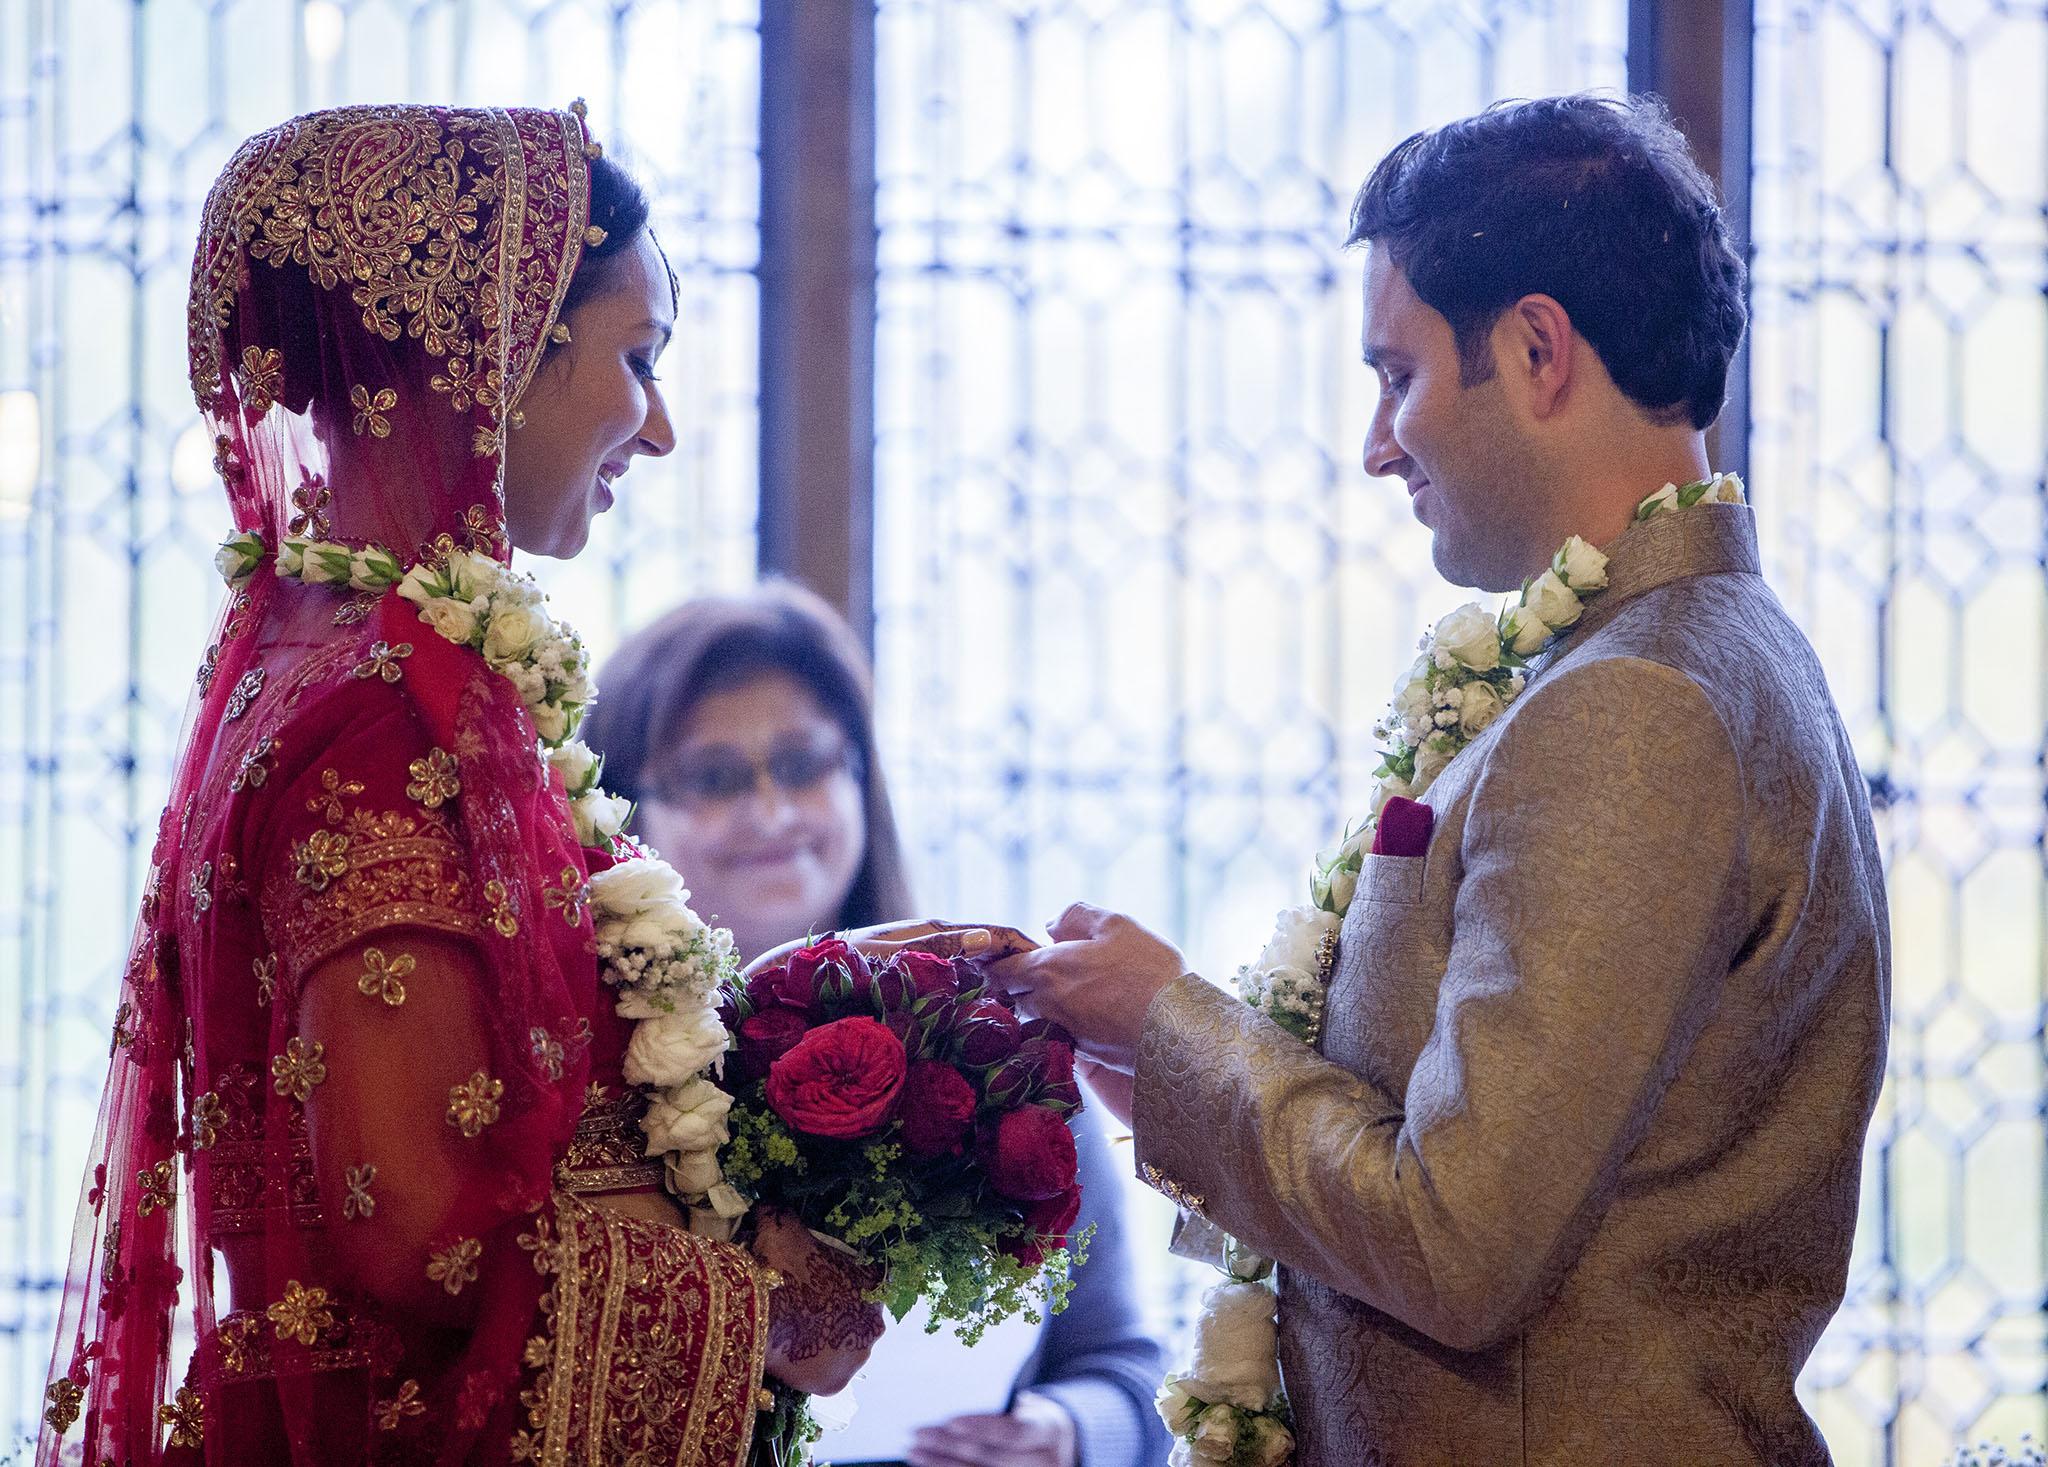 elizabethgphotography_kingslangley_hertfordshire_fineart_indian_wedding_photography_bhavesh_kundalata_bhaktivedanta_manor_watford_jpg54.jpg